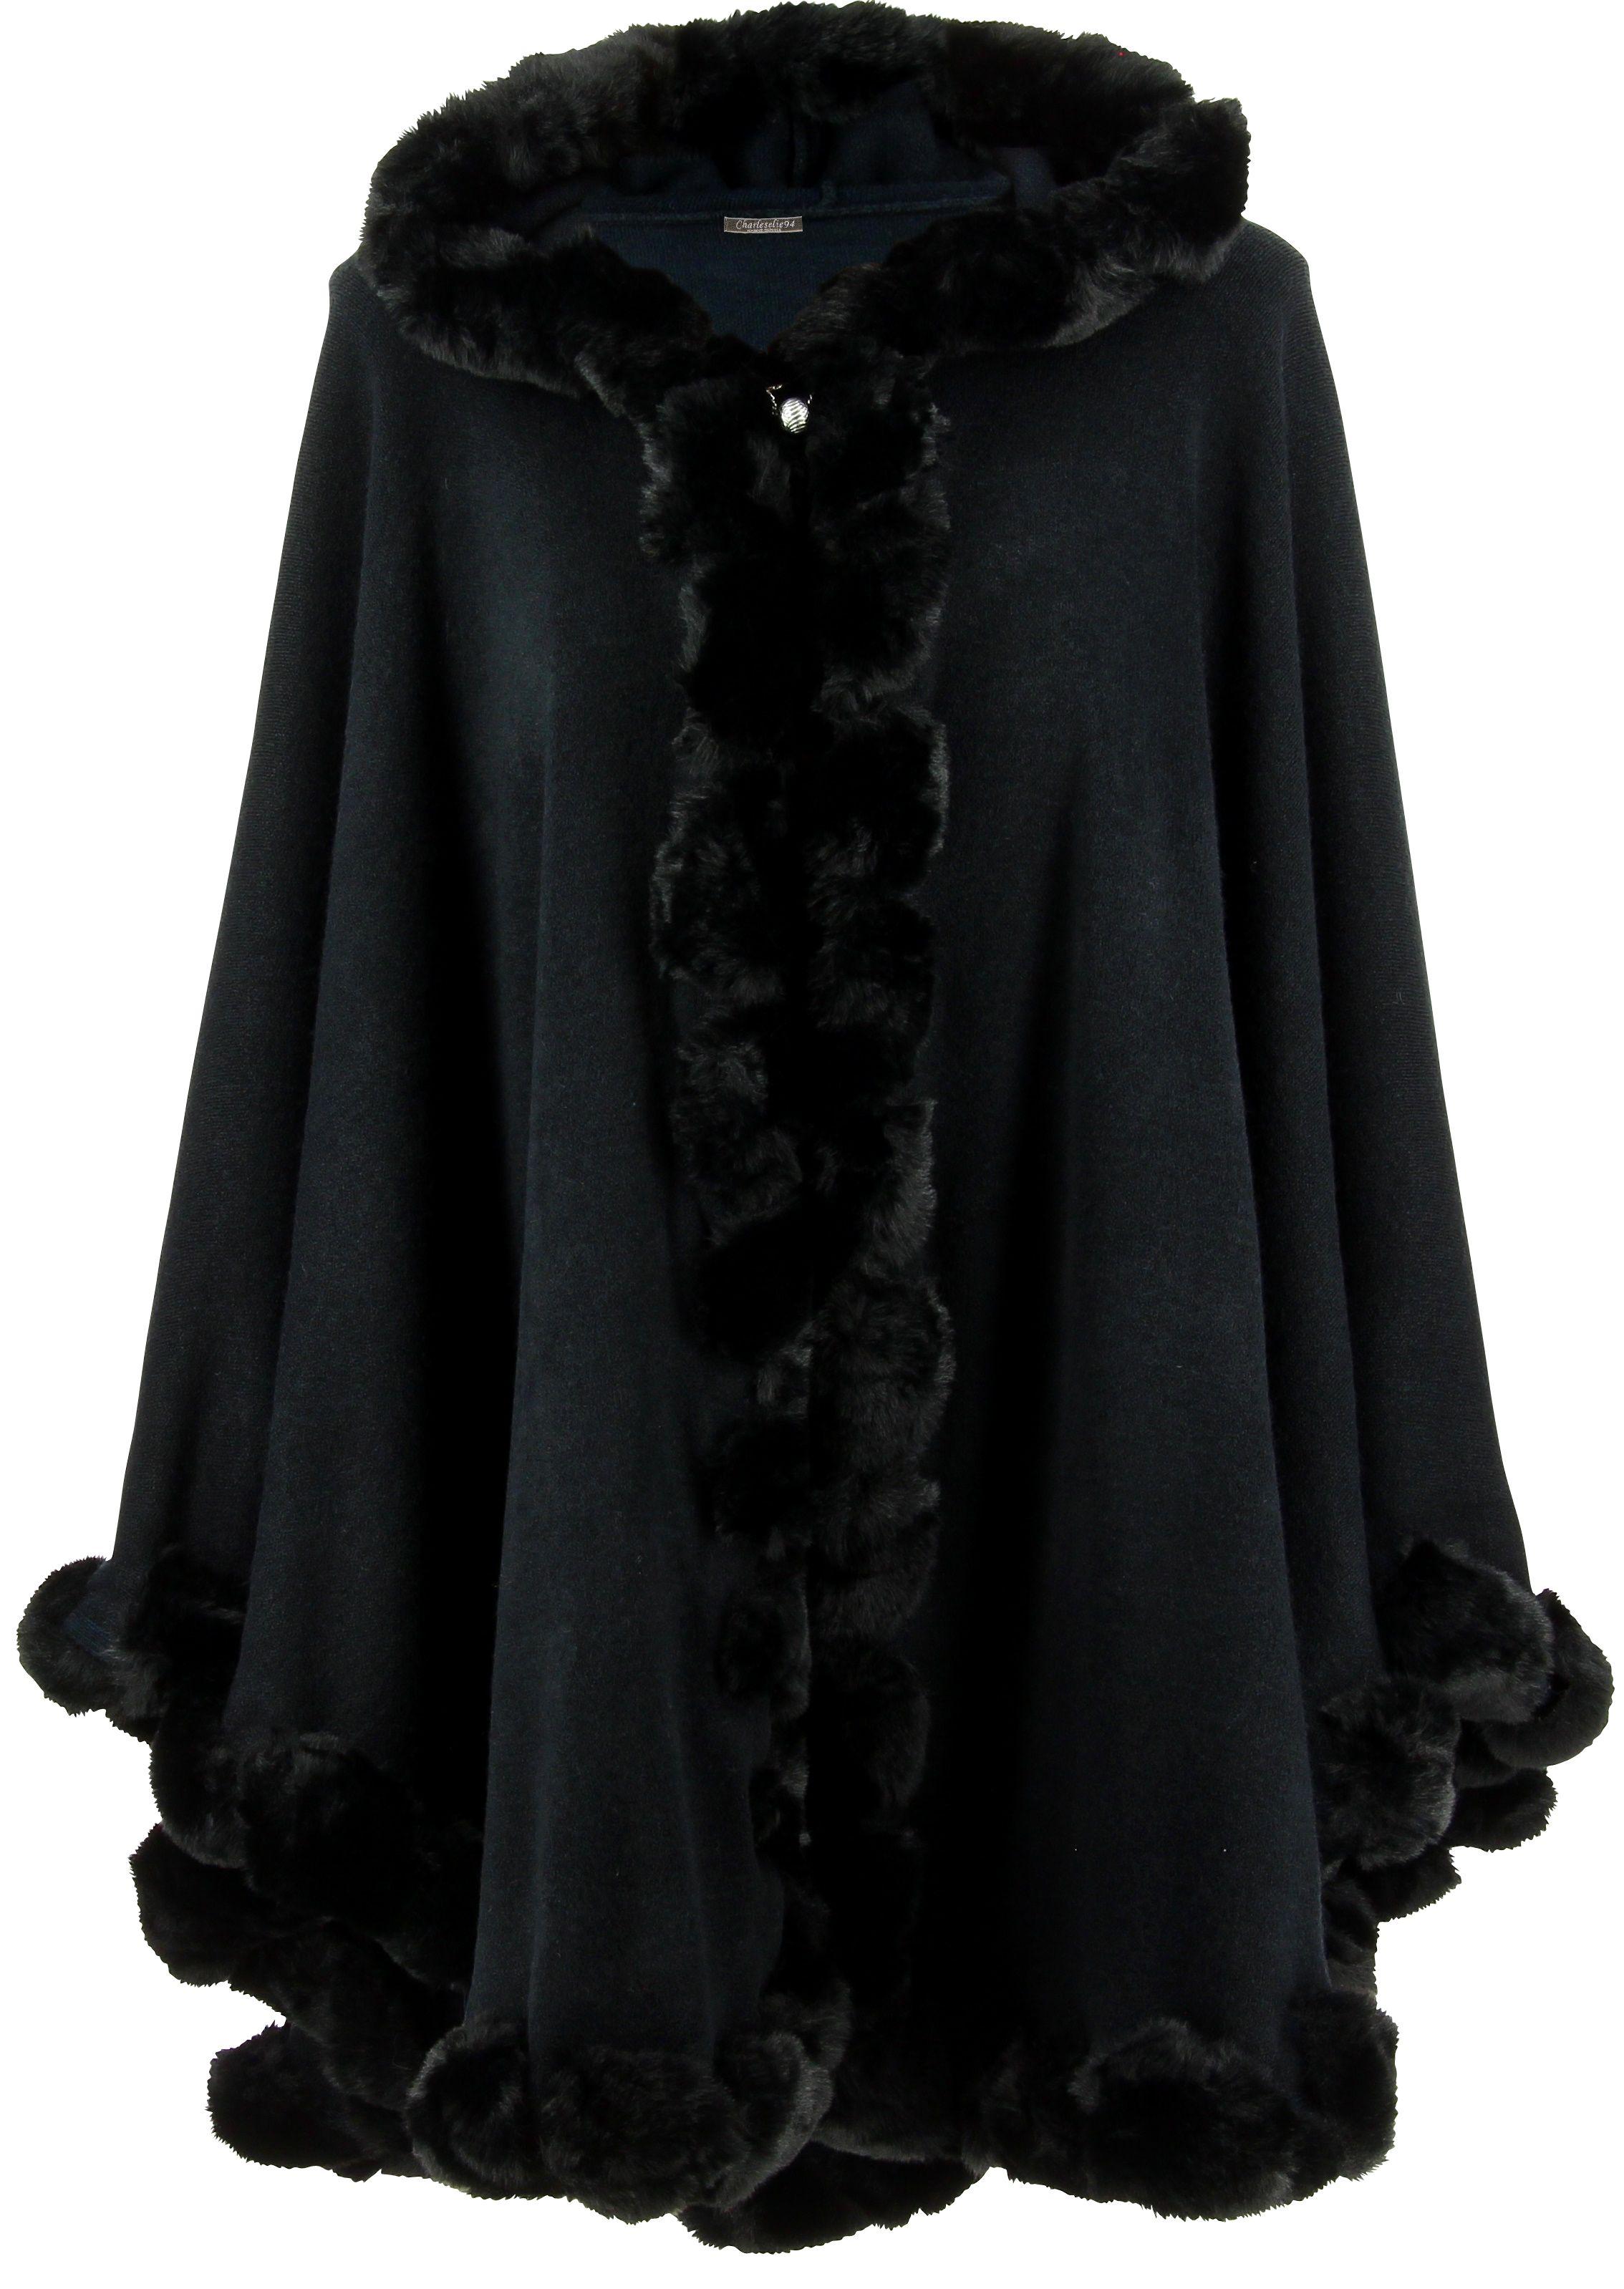 807b2cb1e32e6 Découvre notre magnifique cape manteau poncho à capuche JULES, entièrement  bordée d'une sublime